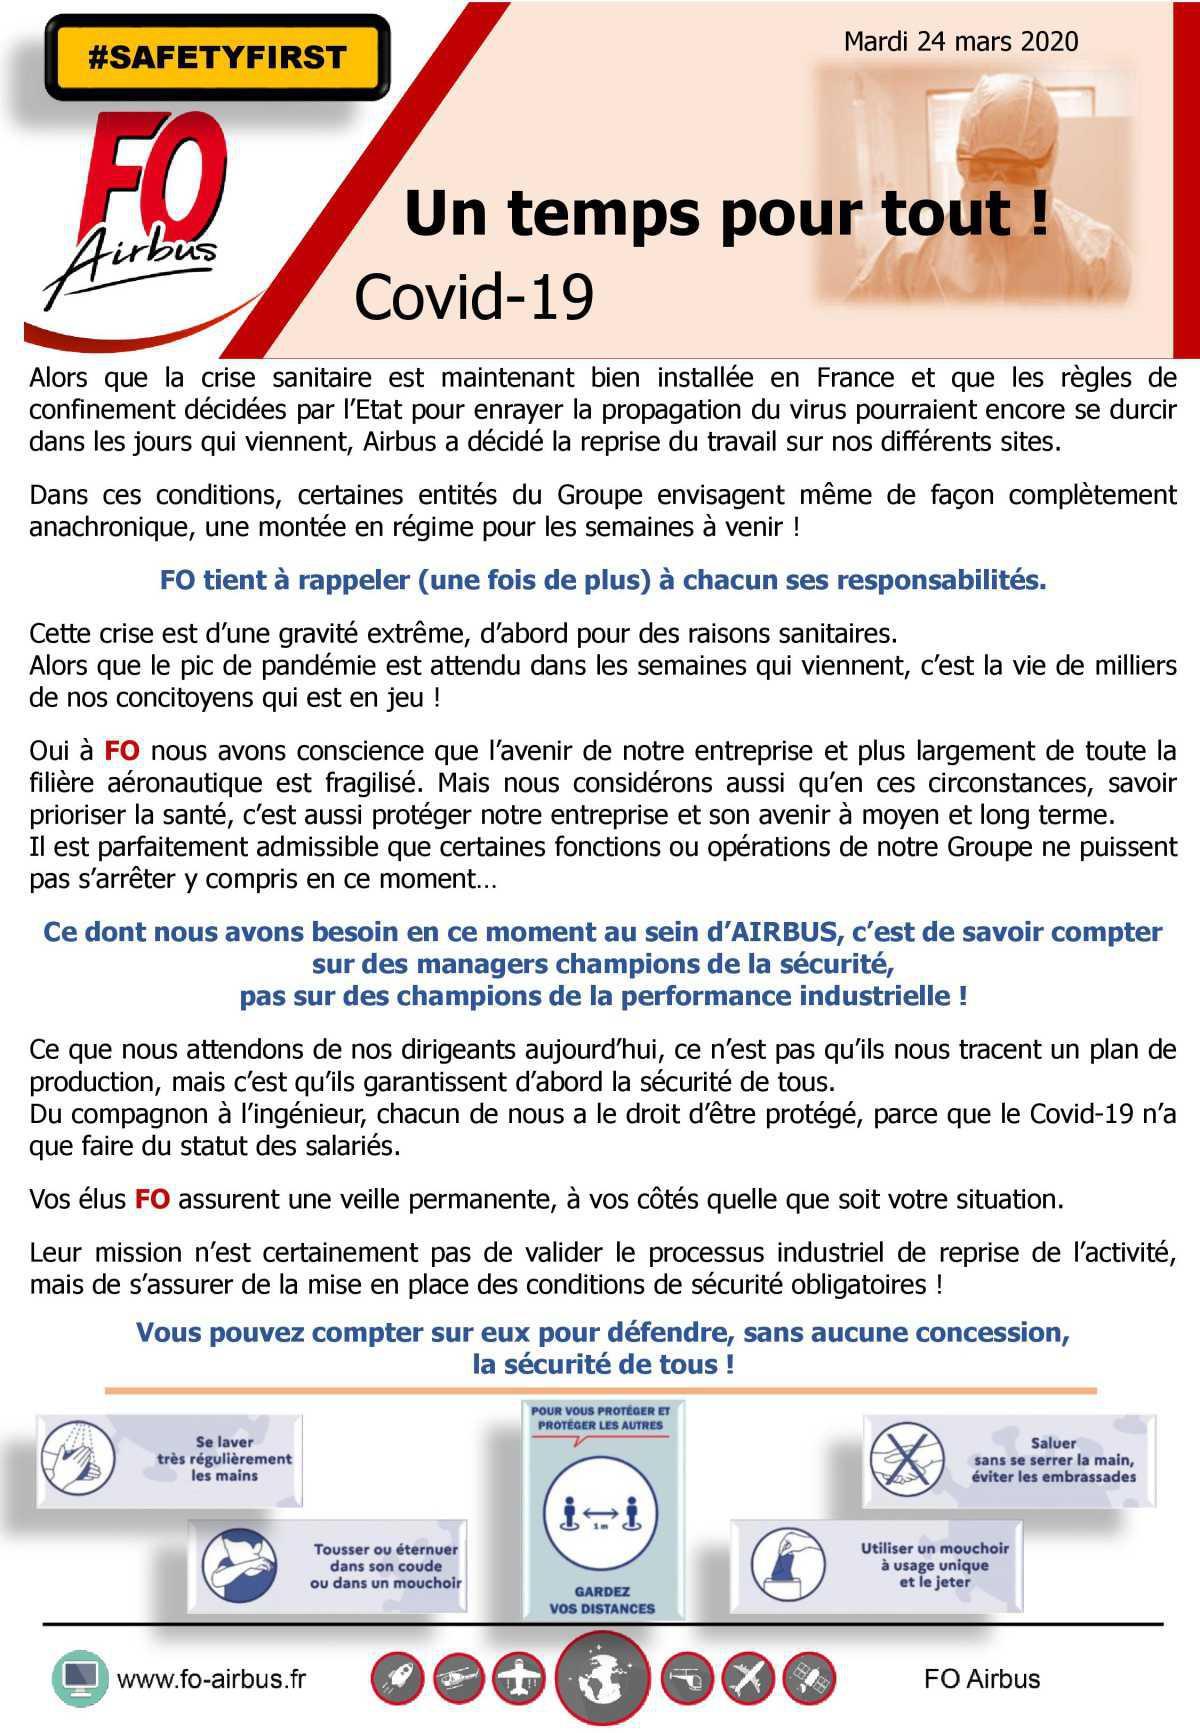 Un temps pour tout, COVID-19